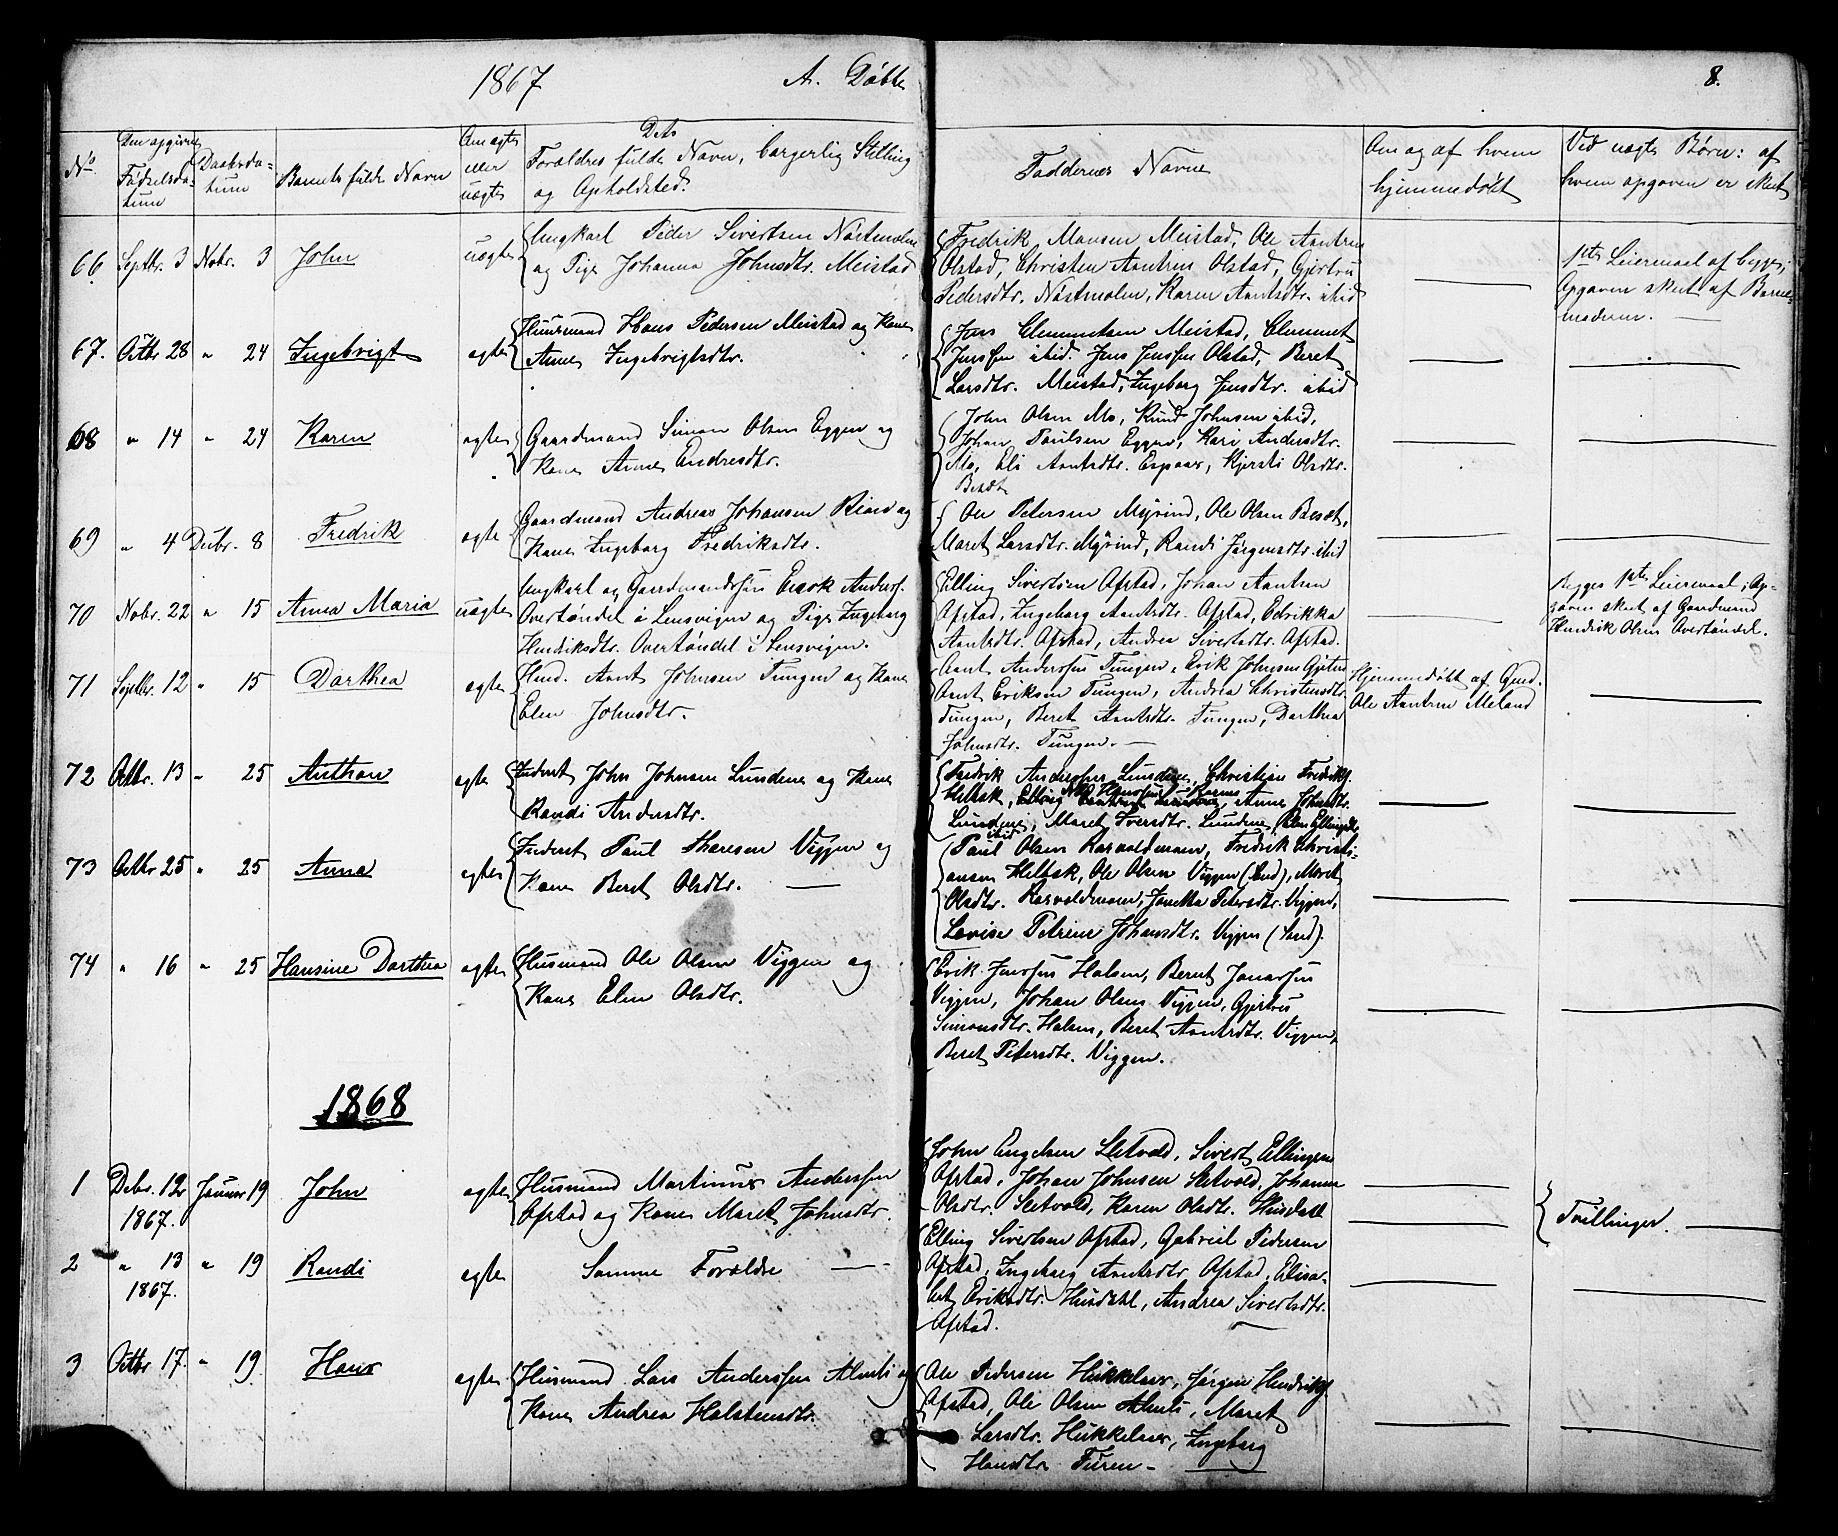 SAT, Ministerialprotokoller, klokkerbøker og fødselsregistre - Sør-Trøndelag, 665/L0777: Klokkerbok nr. 665C02, 1867-1915, s. 8